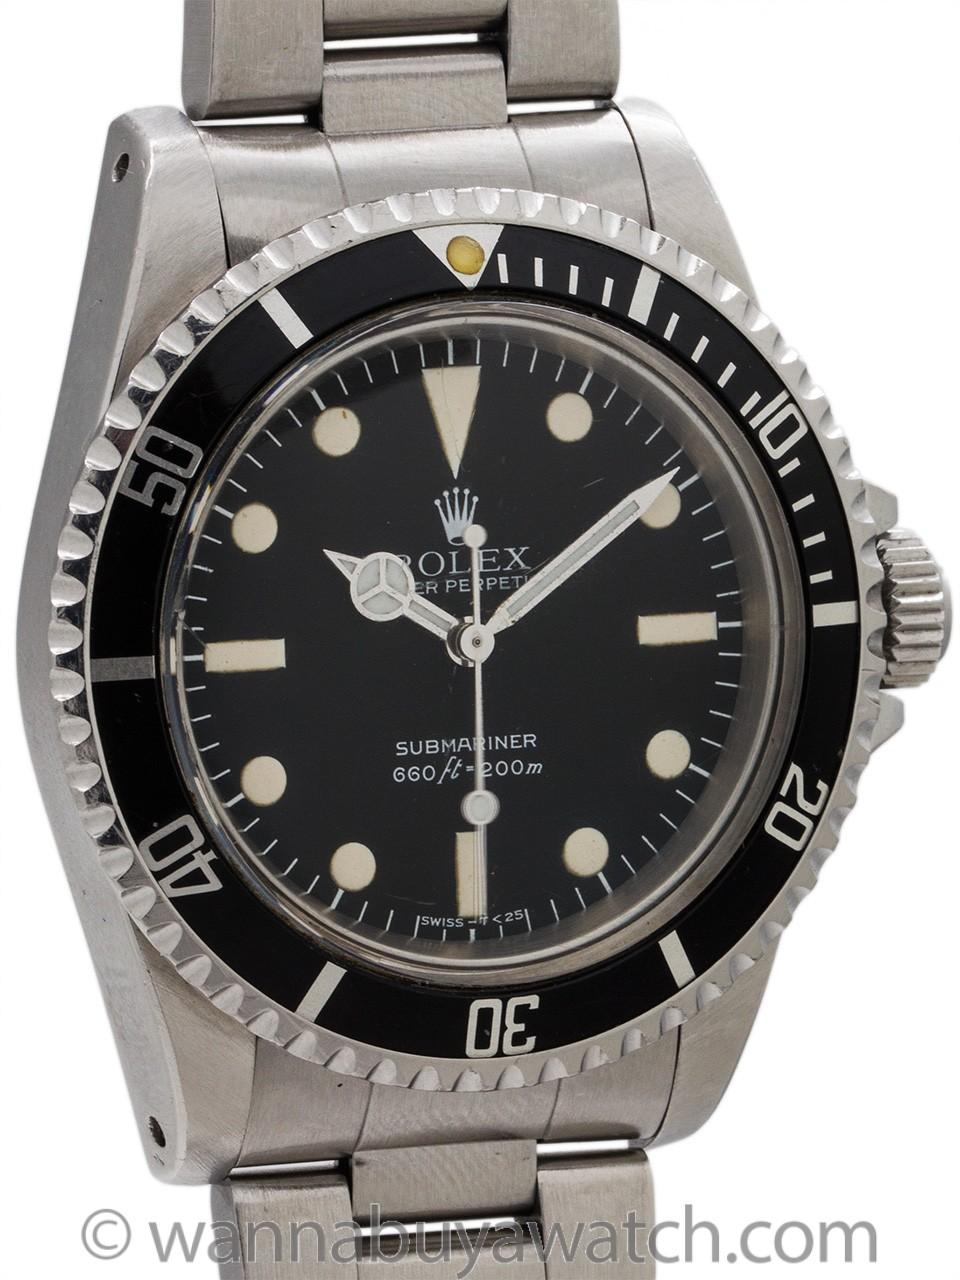 Rolex Submariner ref 5513 Maxi Dial circa 1980